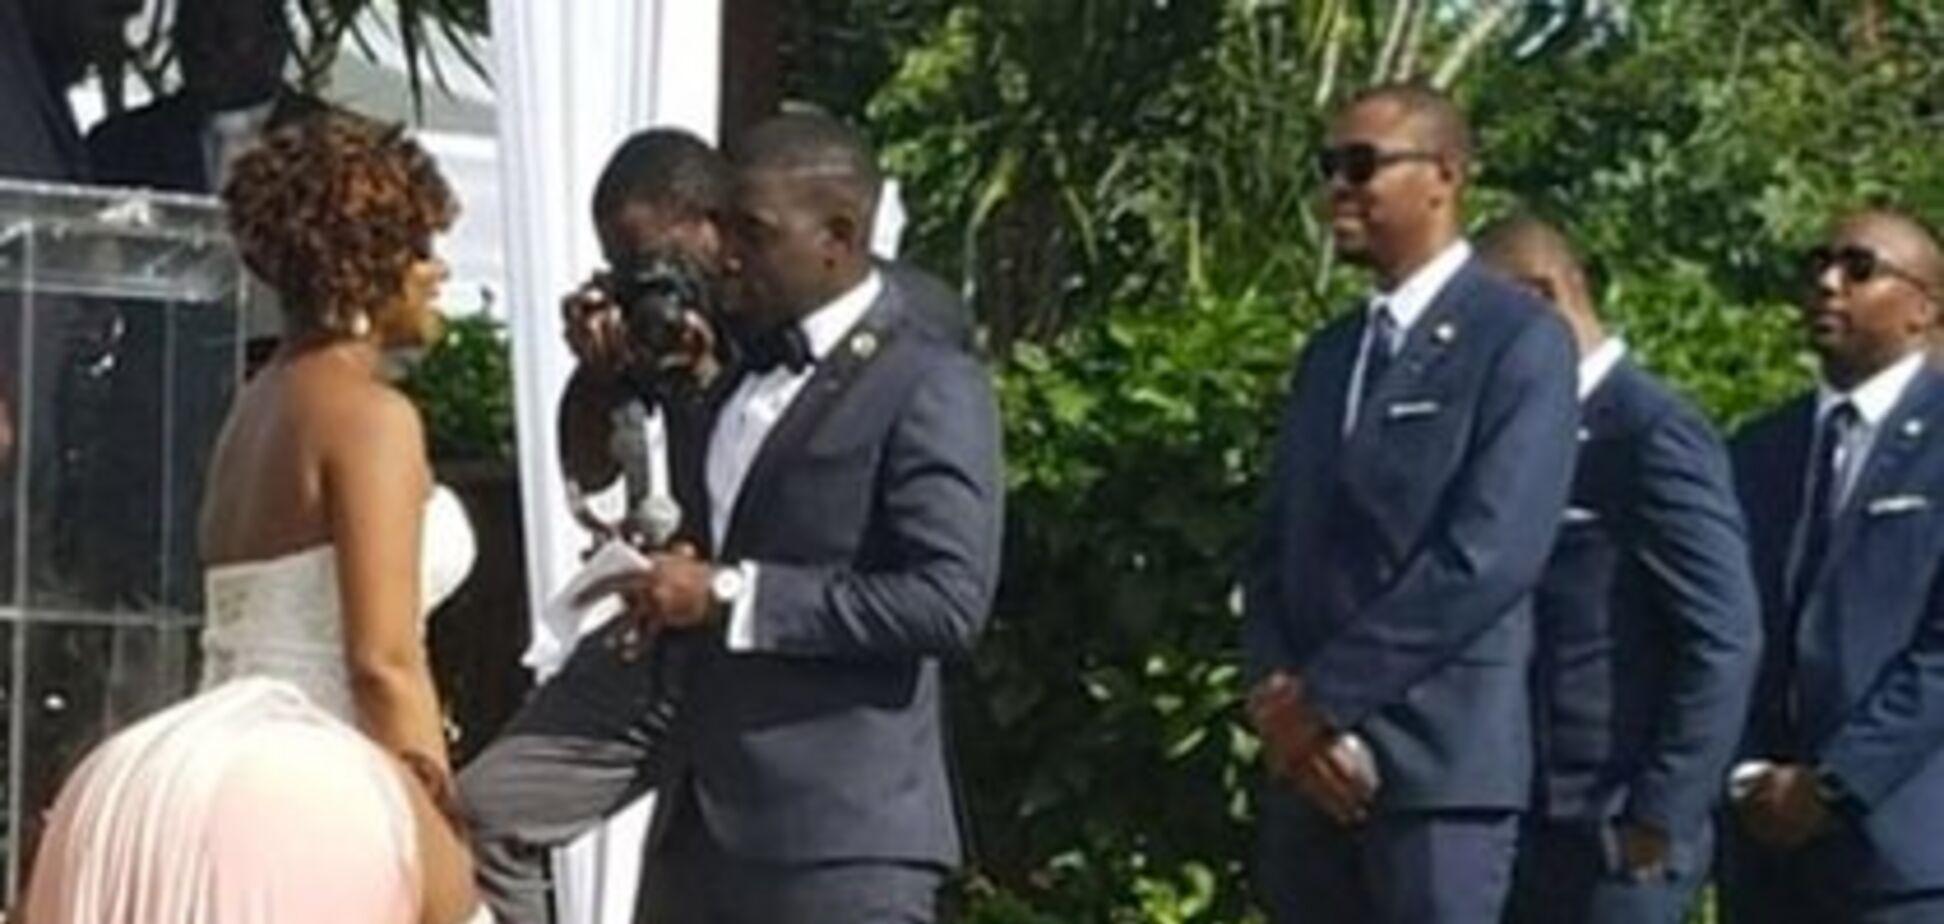 'Наполовину конь': фото невесты вызвало недоумение в сети